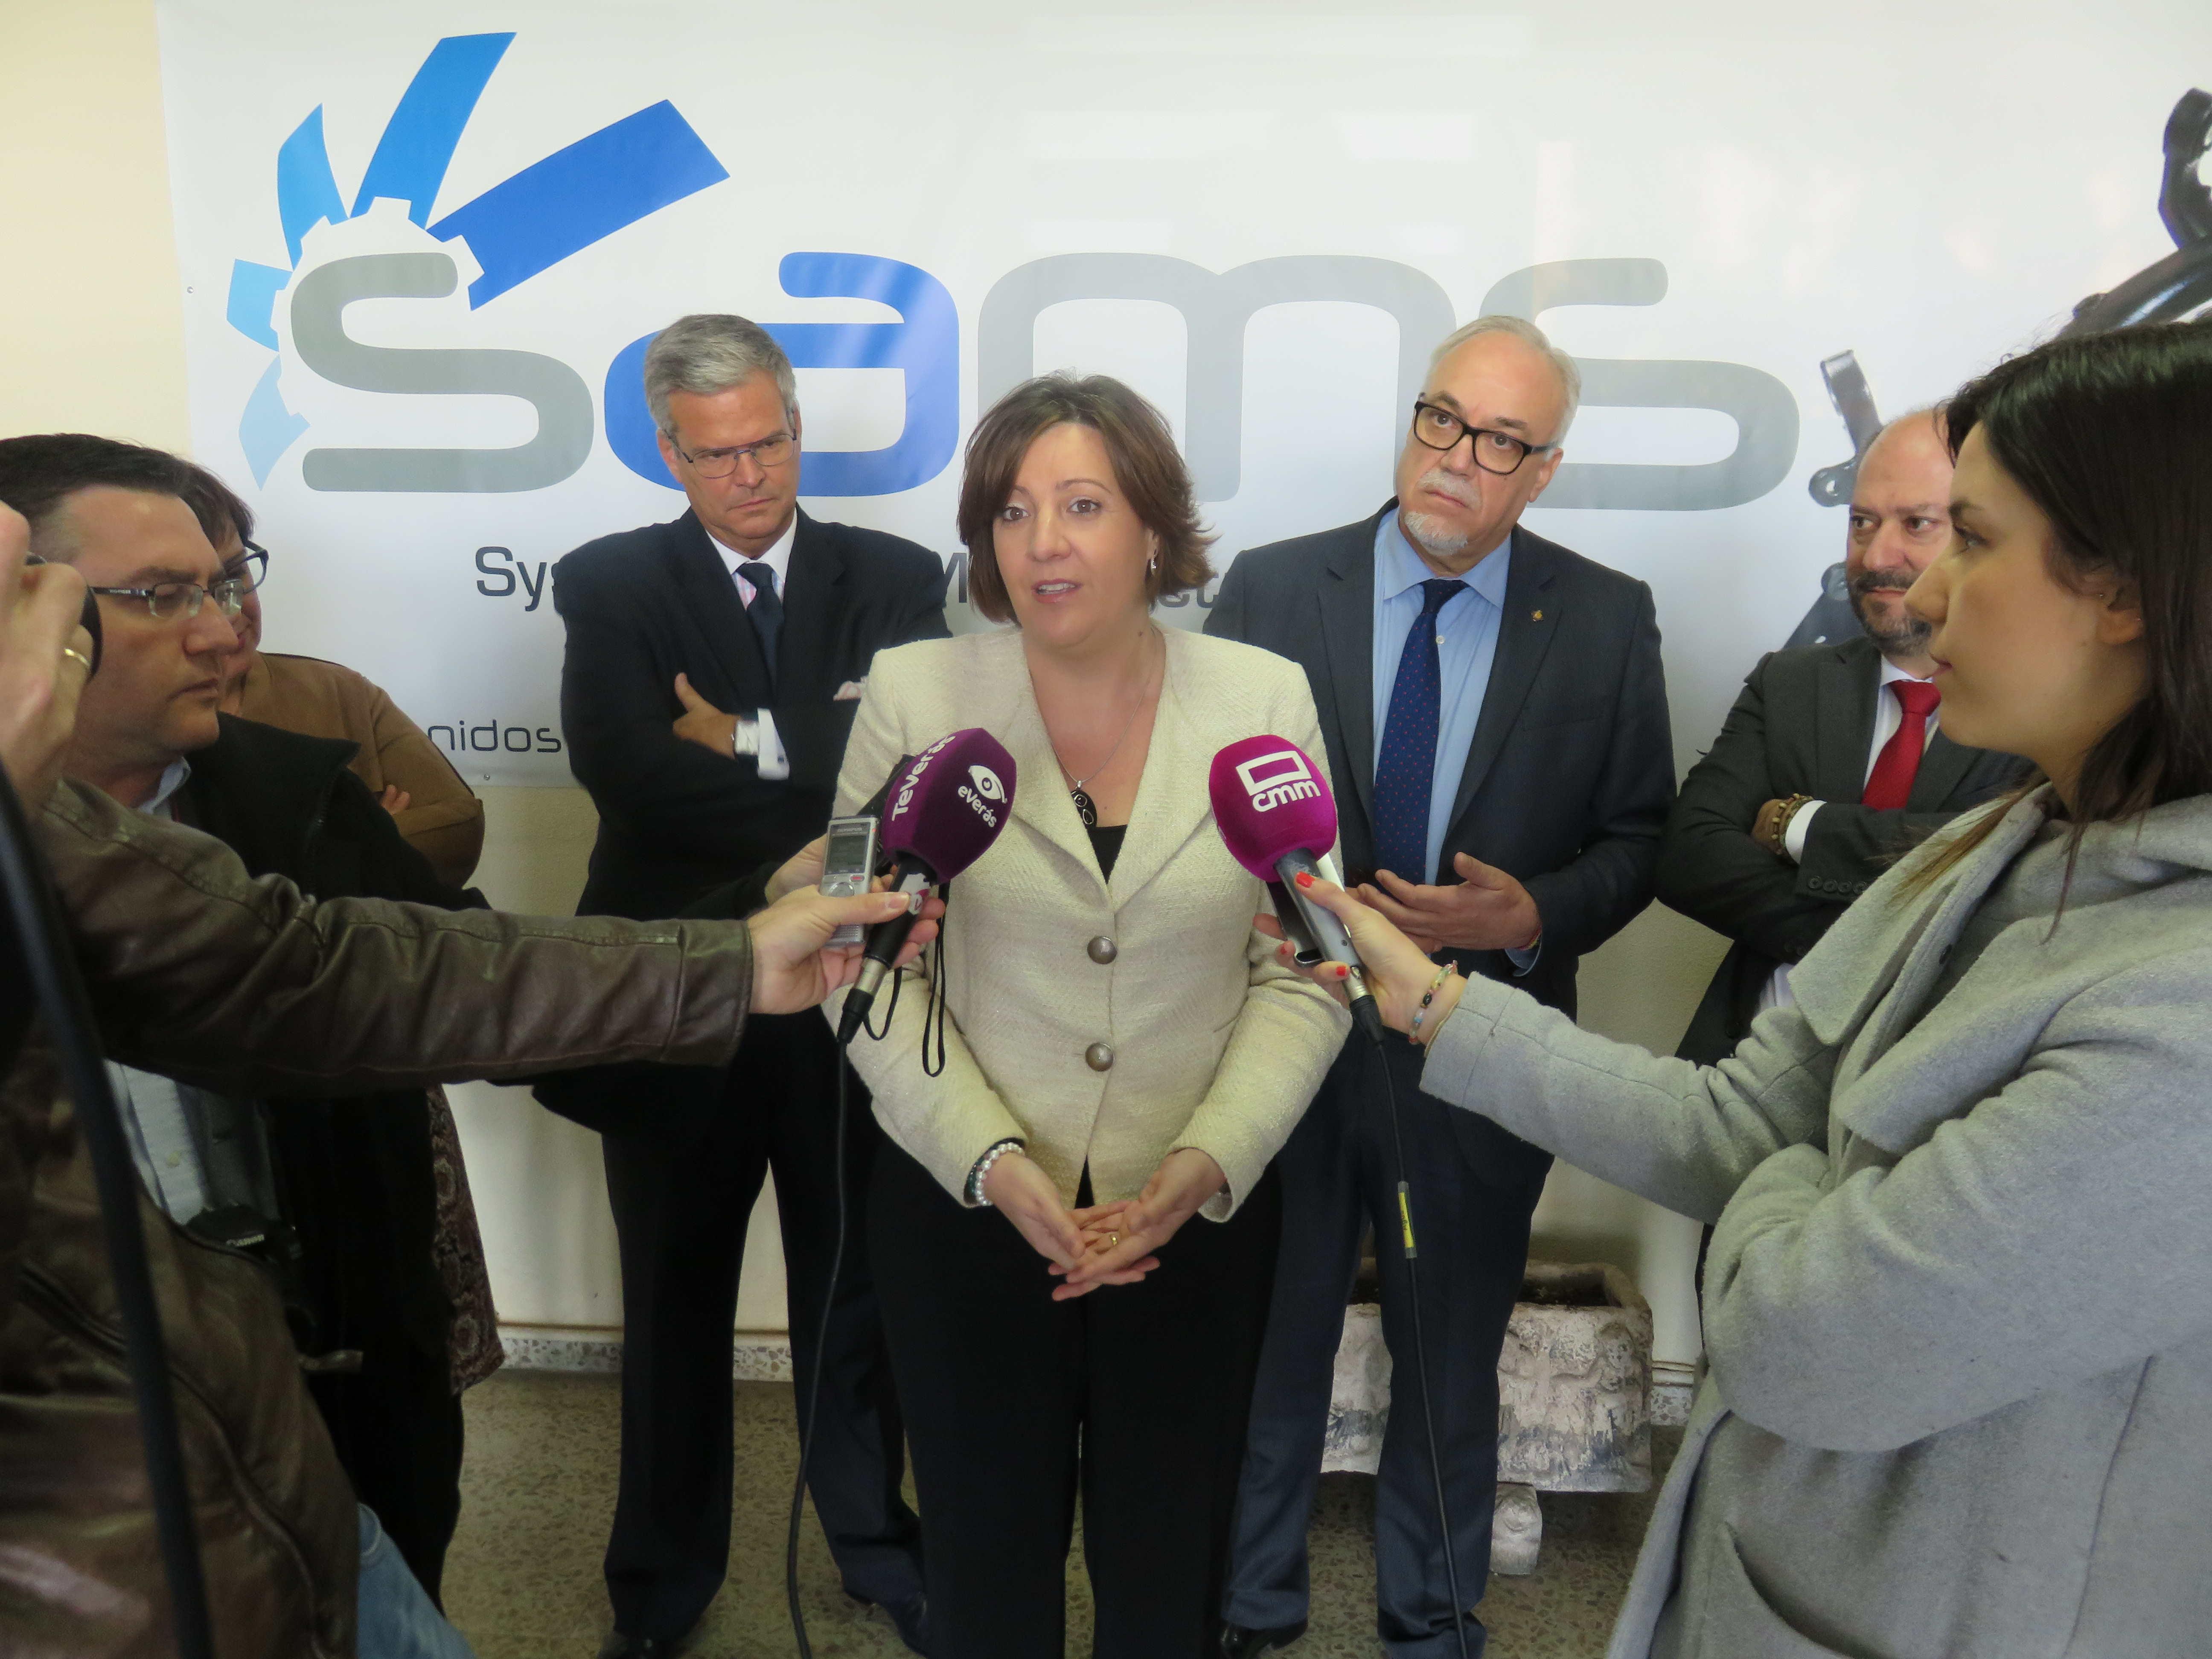 El gobierno regional volver a organizar la feria imex for Gobierno exterior